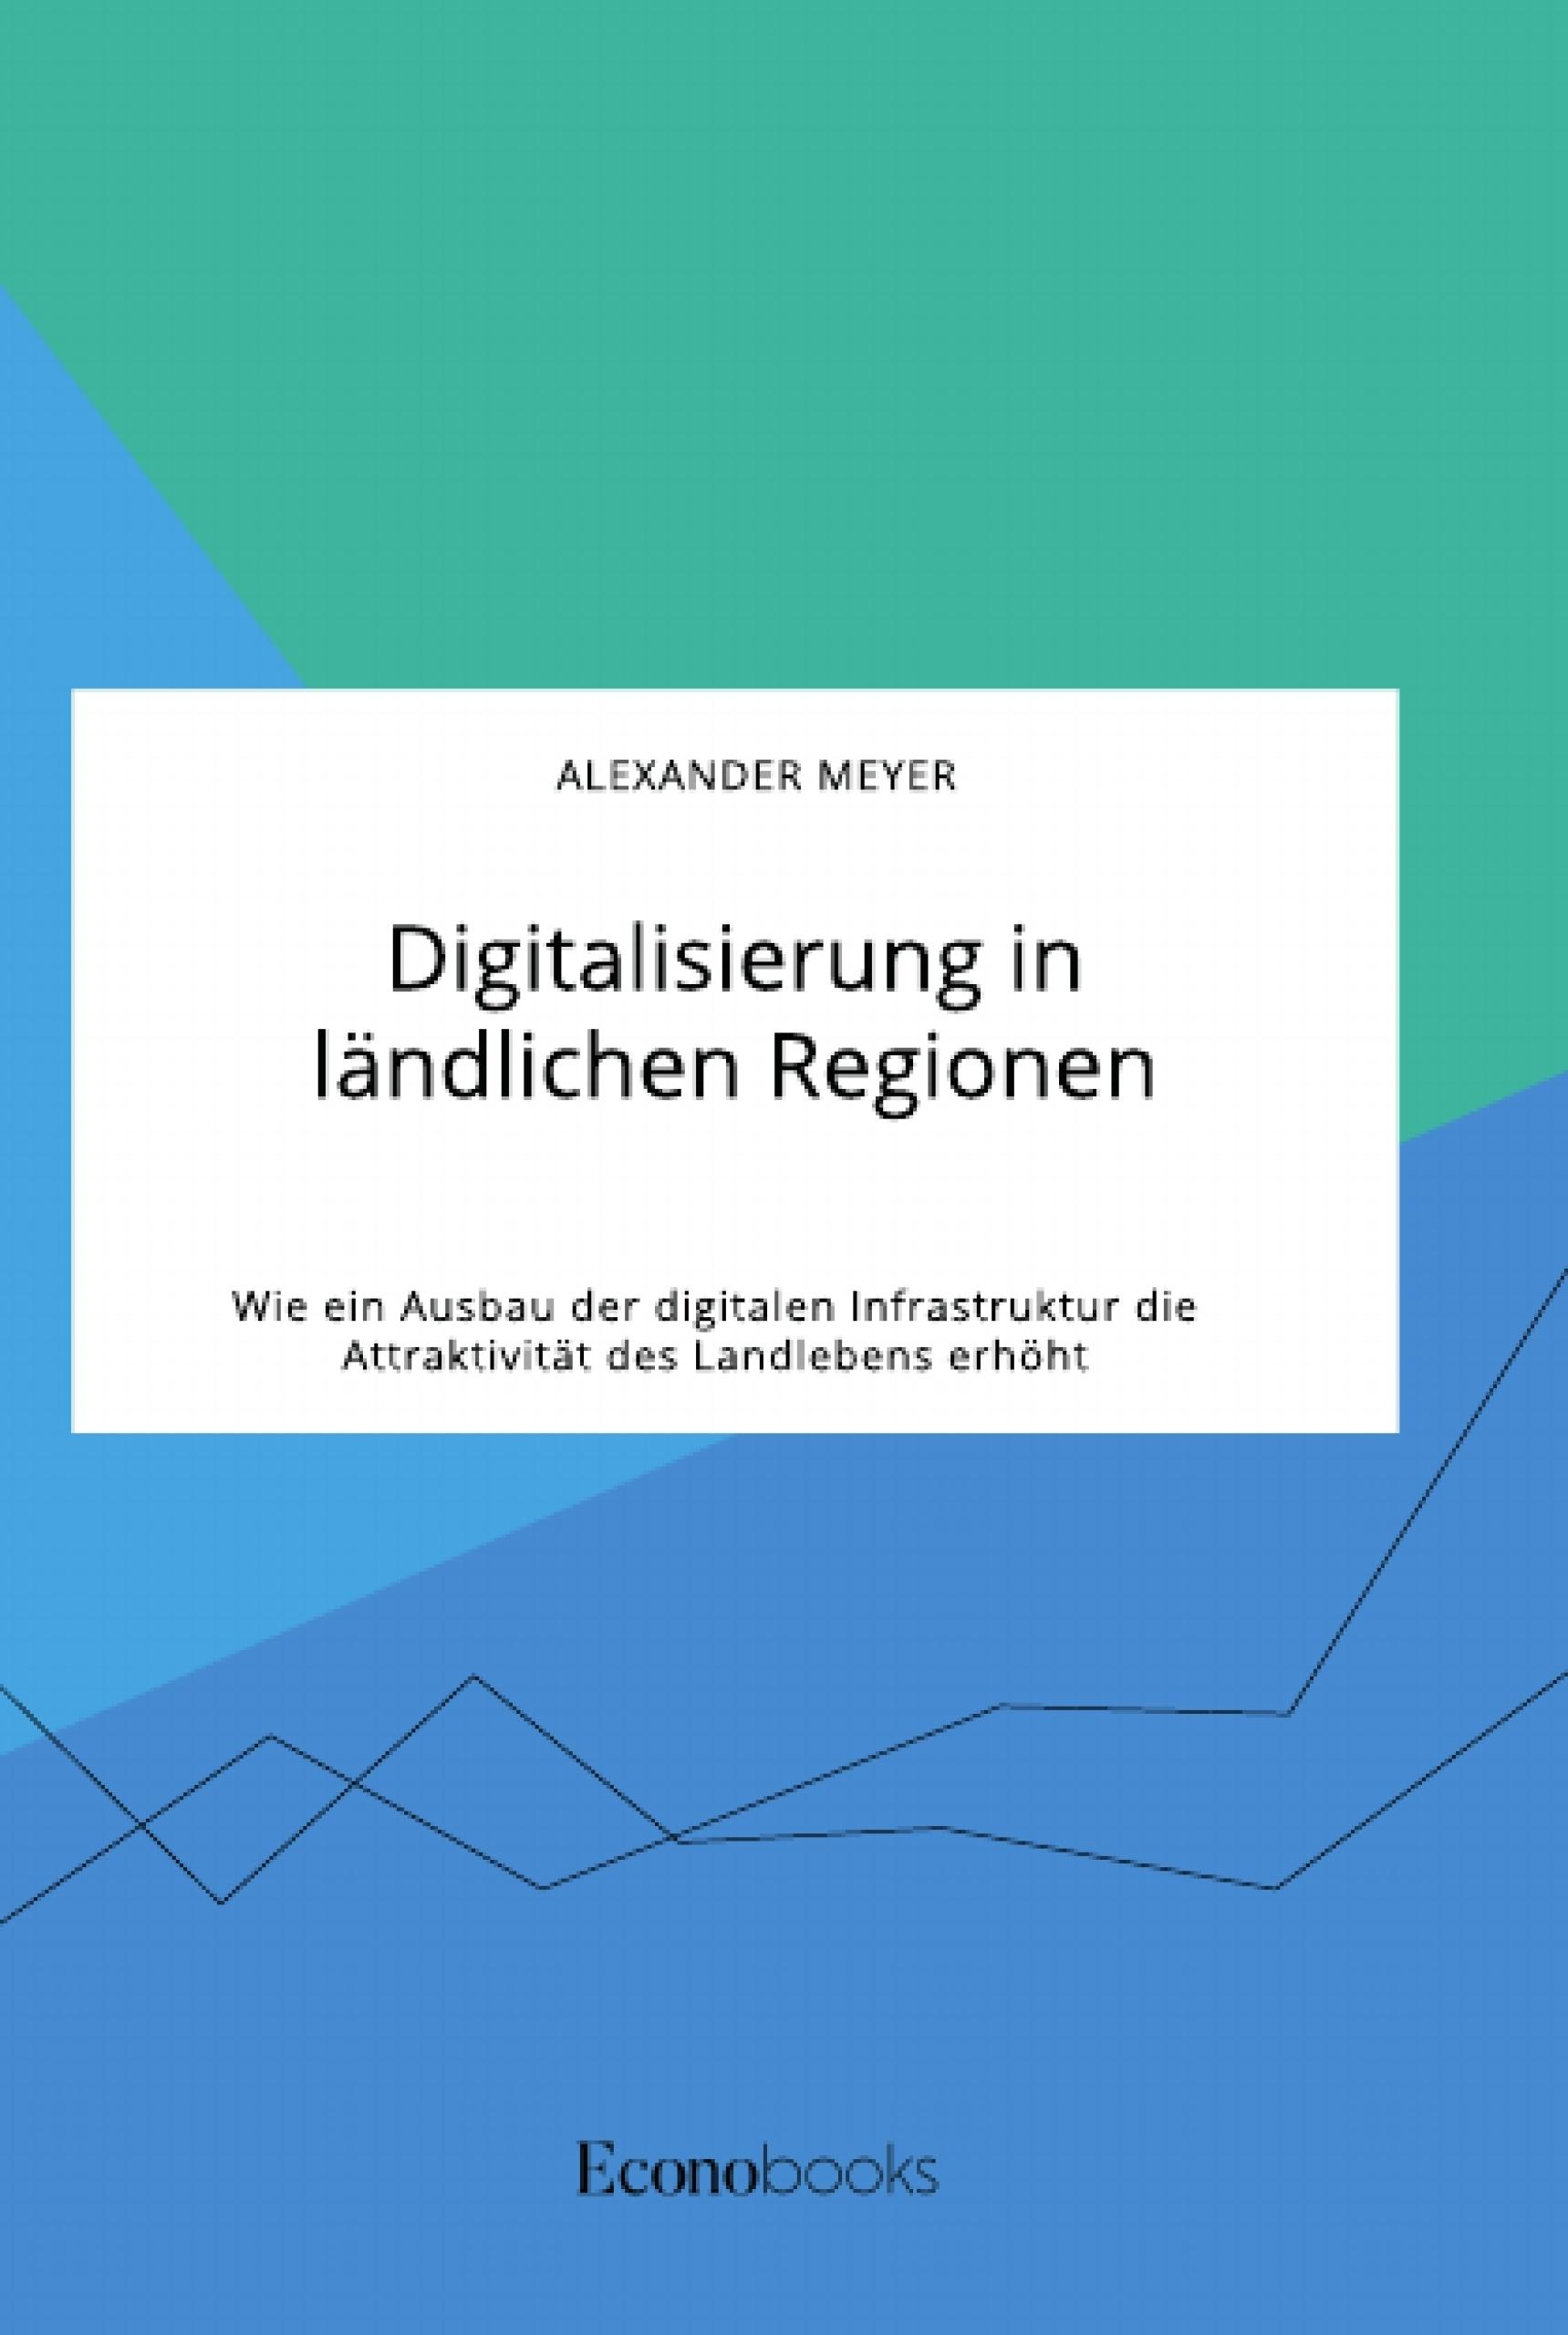 Titel: Digitalisierung in ländlichen Regionen. Wie ein Ausbau der digitalen Infrastruktur die Attraktivität des Landlebens erhöht